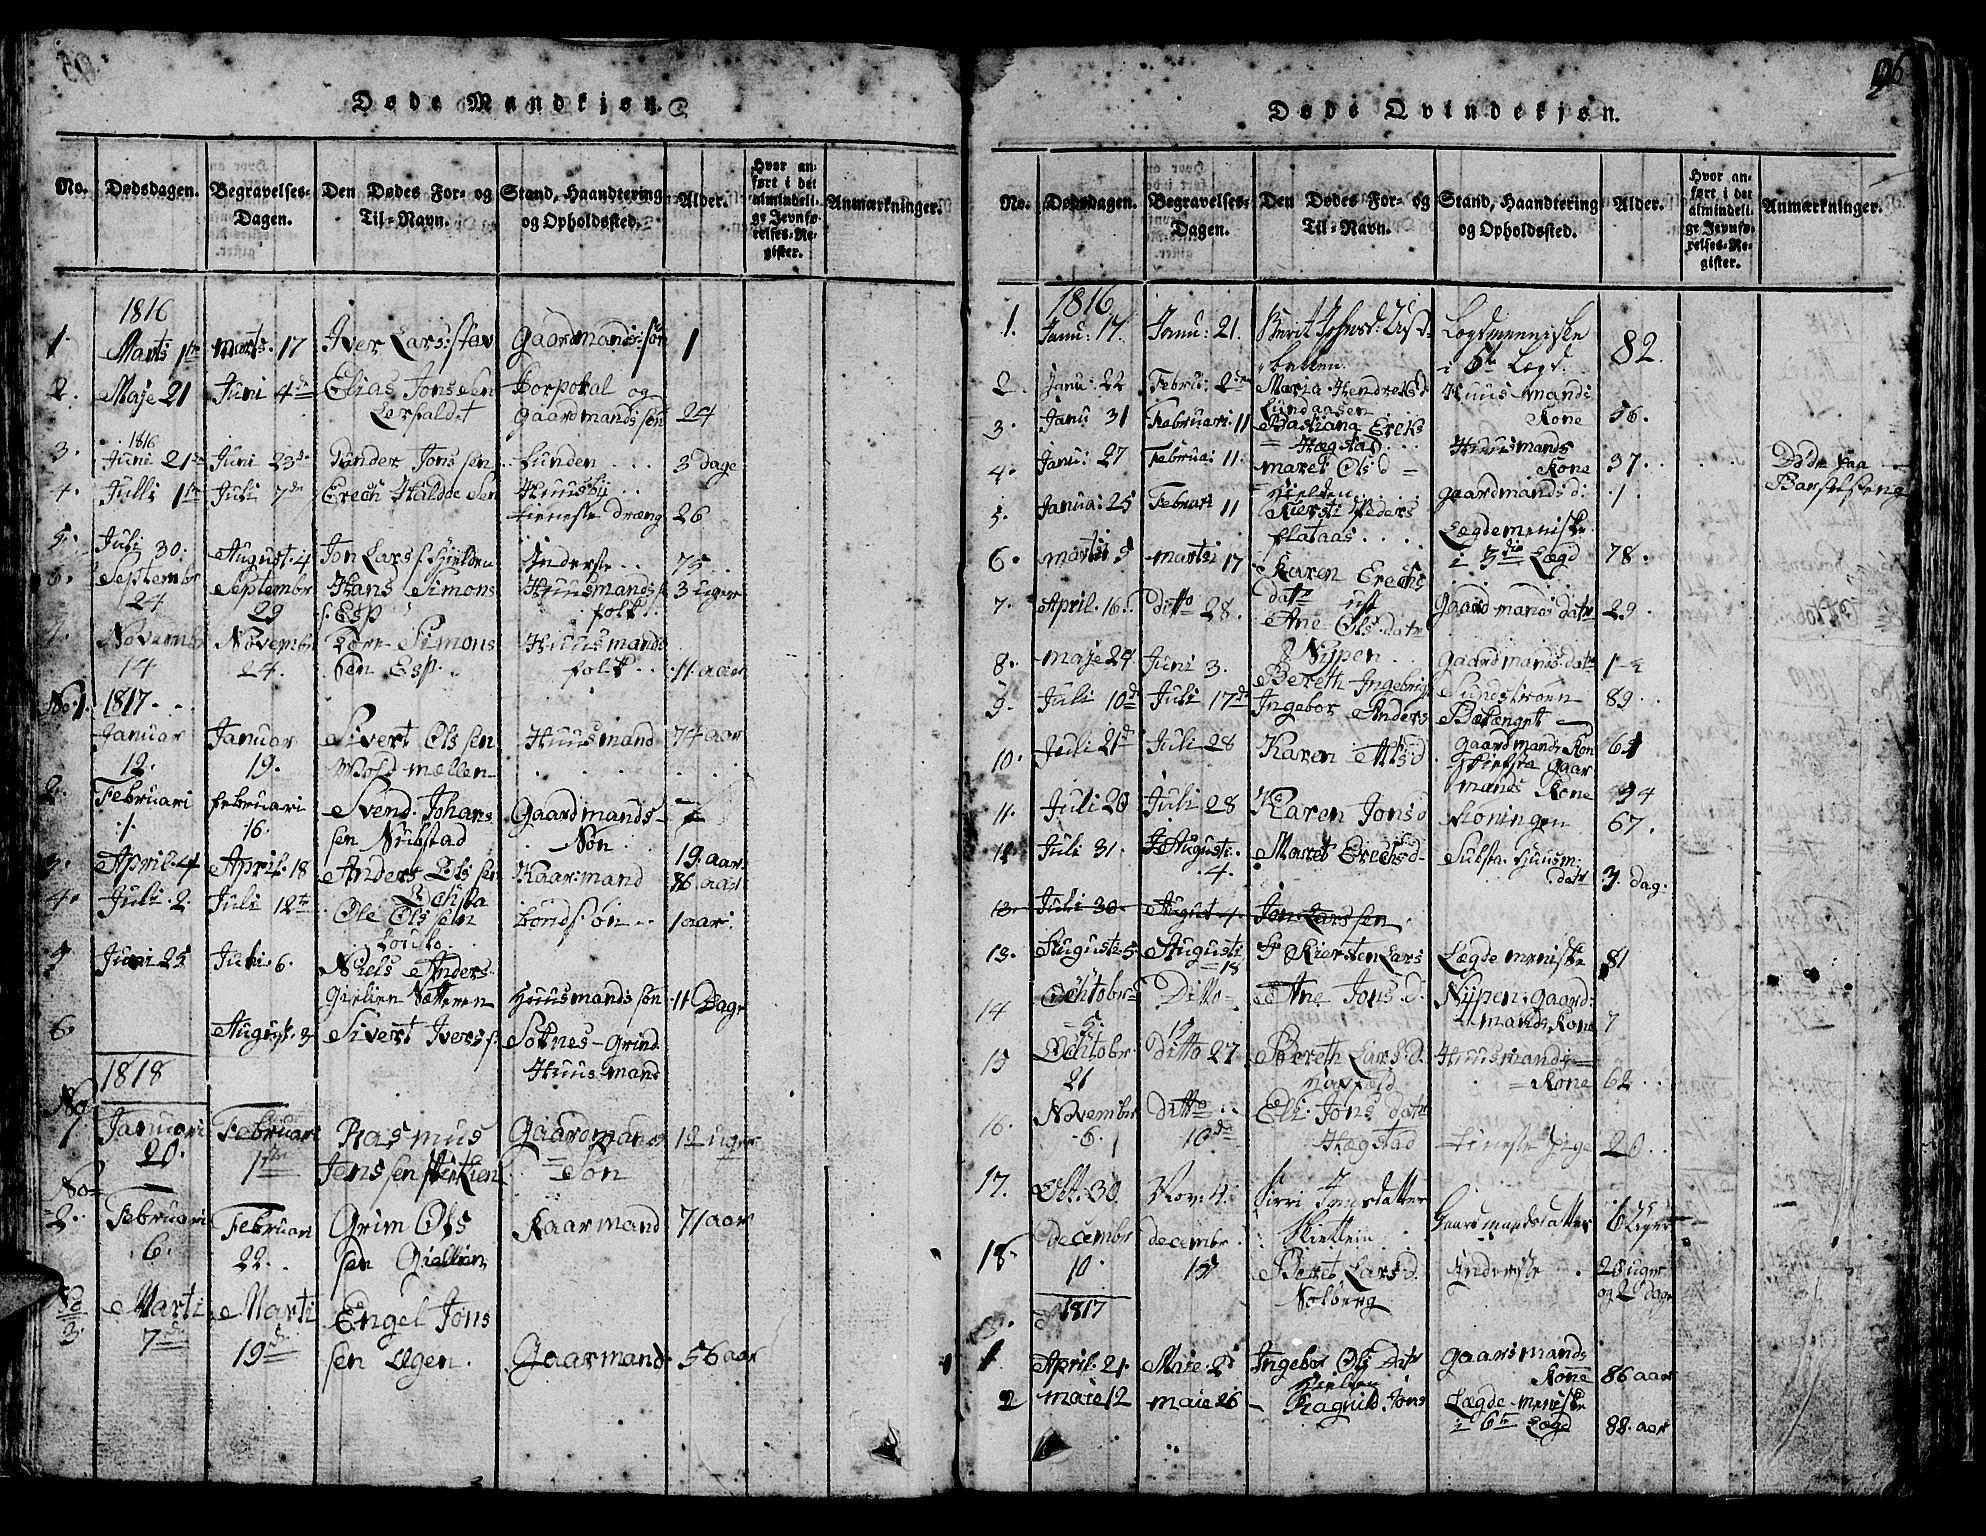 SAT, Ministerialprotokoller, klokkerbøker og fødselsregistre - Sør-Trøndelag, 613/L0393: Klokkerbok nr. 613C01, 1816-1886, s. 96